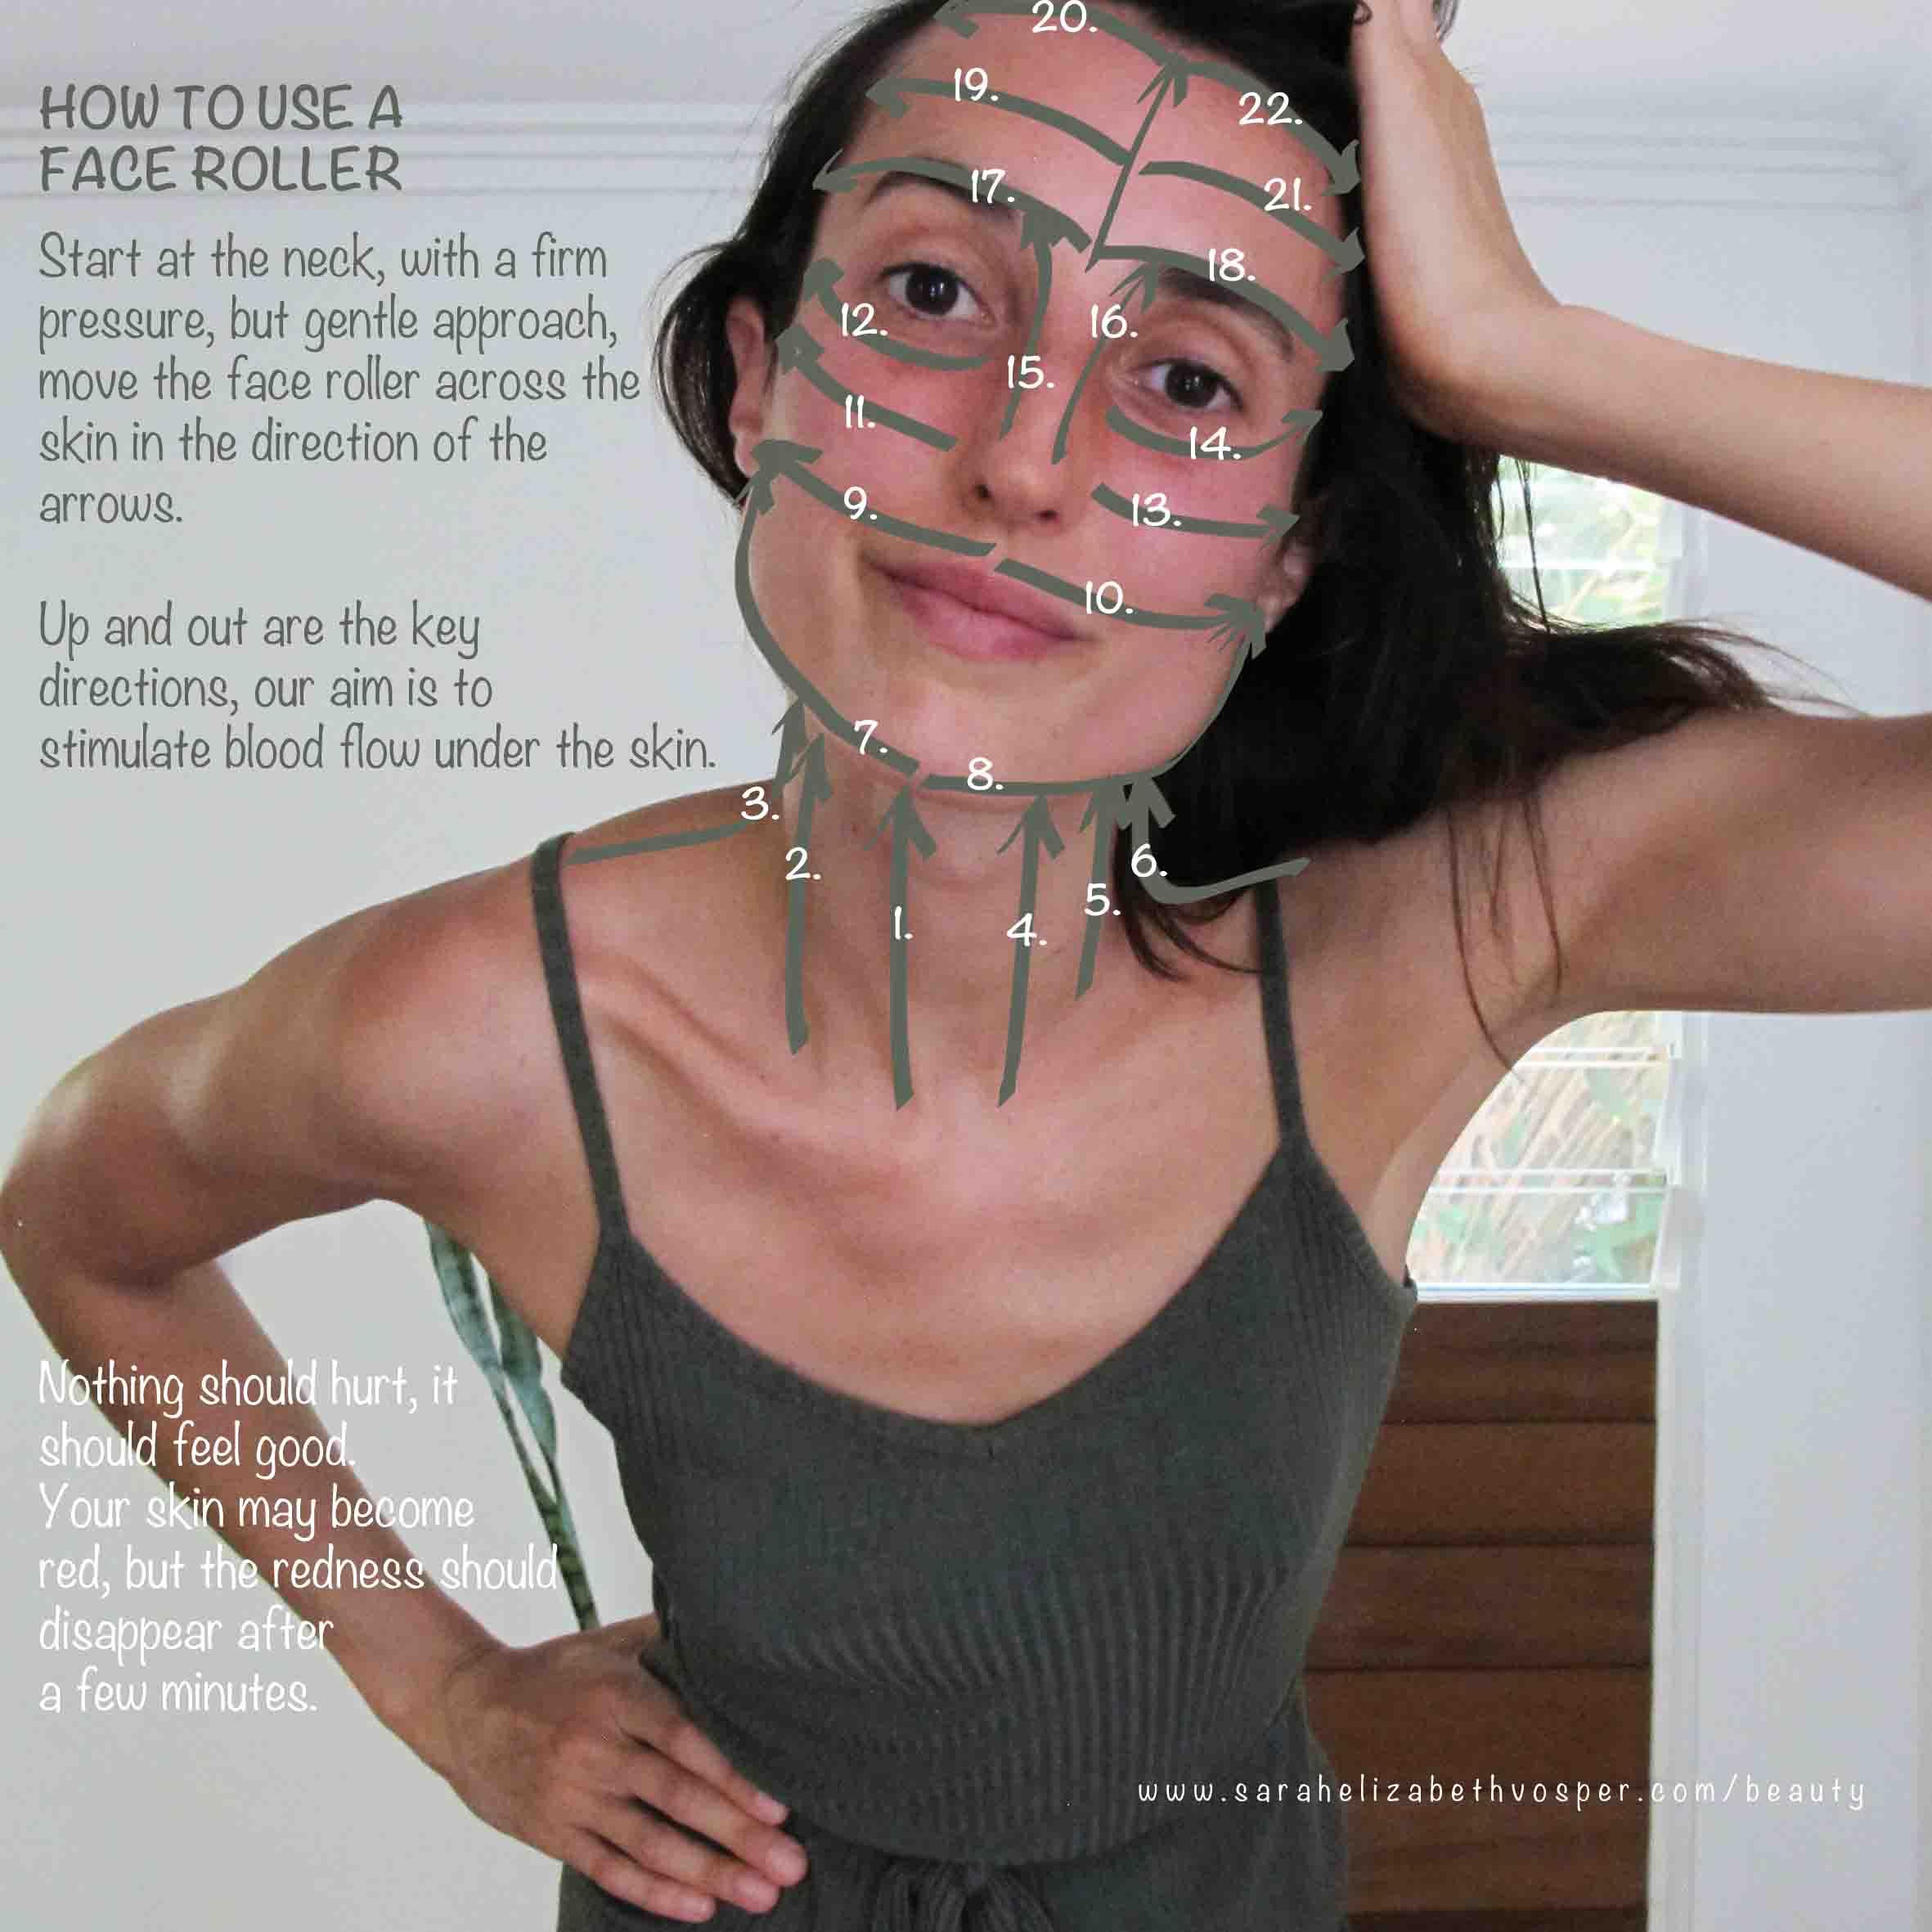 www.sarahelizabethvosper.com-how-to-use-a-face-roller.jpg